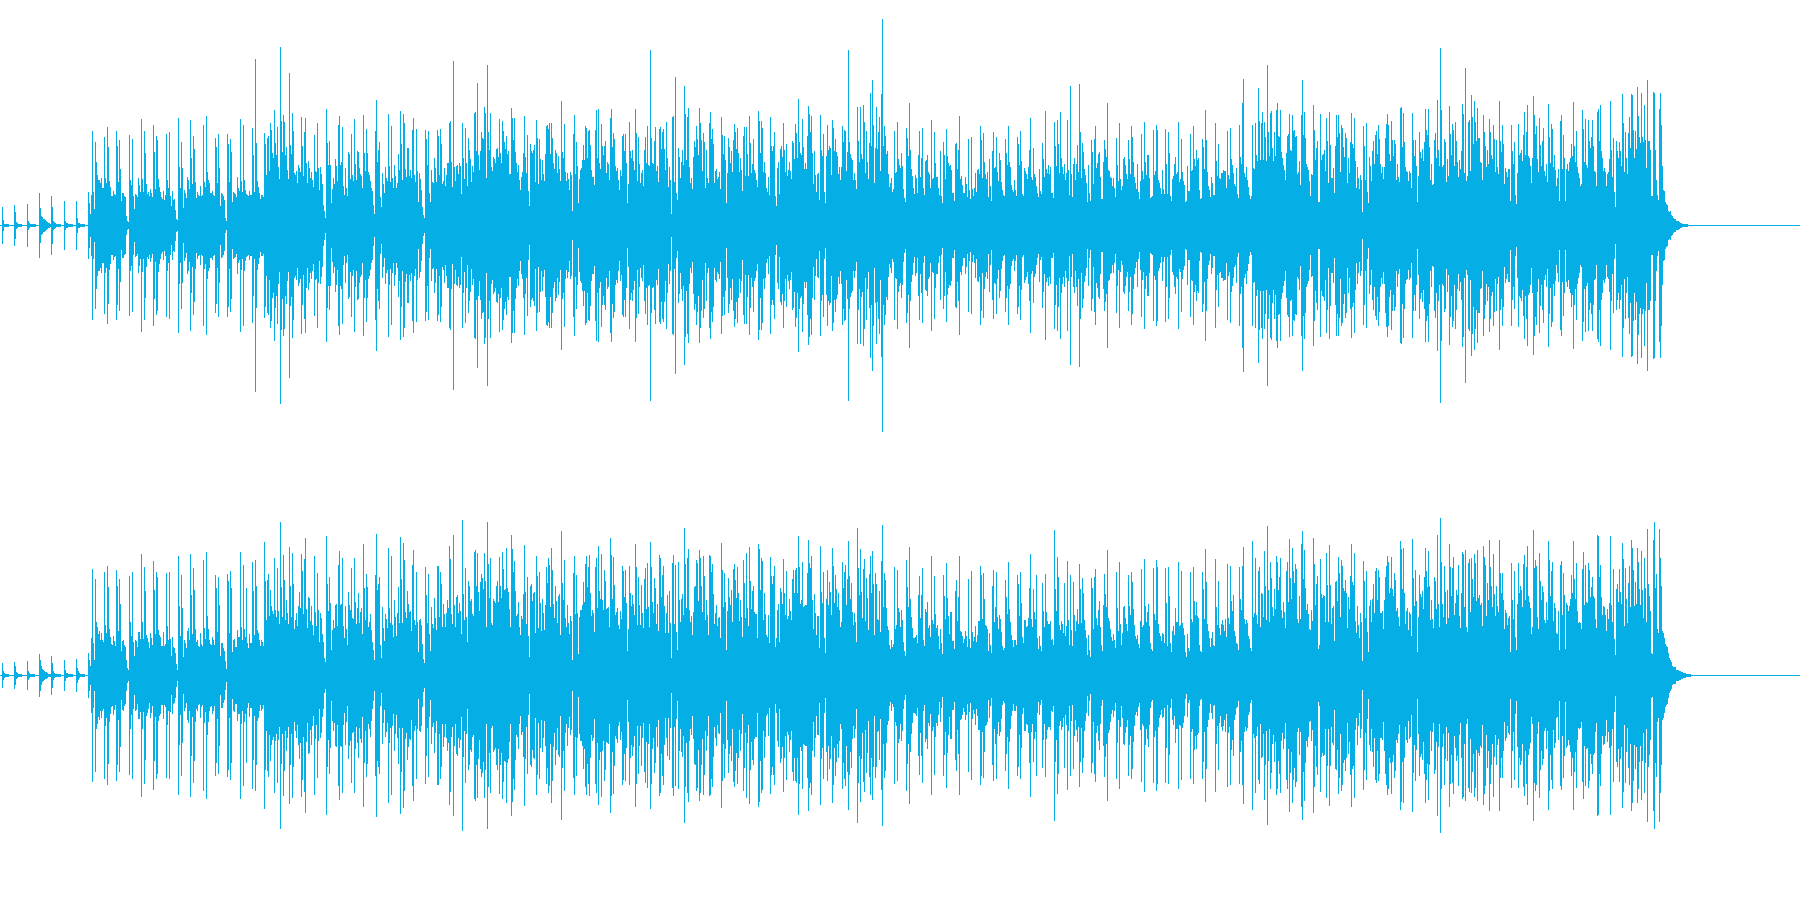 軽快でいなせなボサノヴァ・サウンドの再生済みの波形